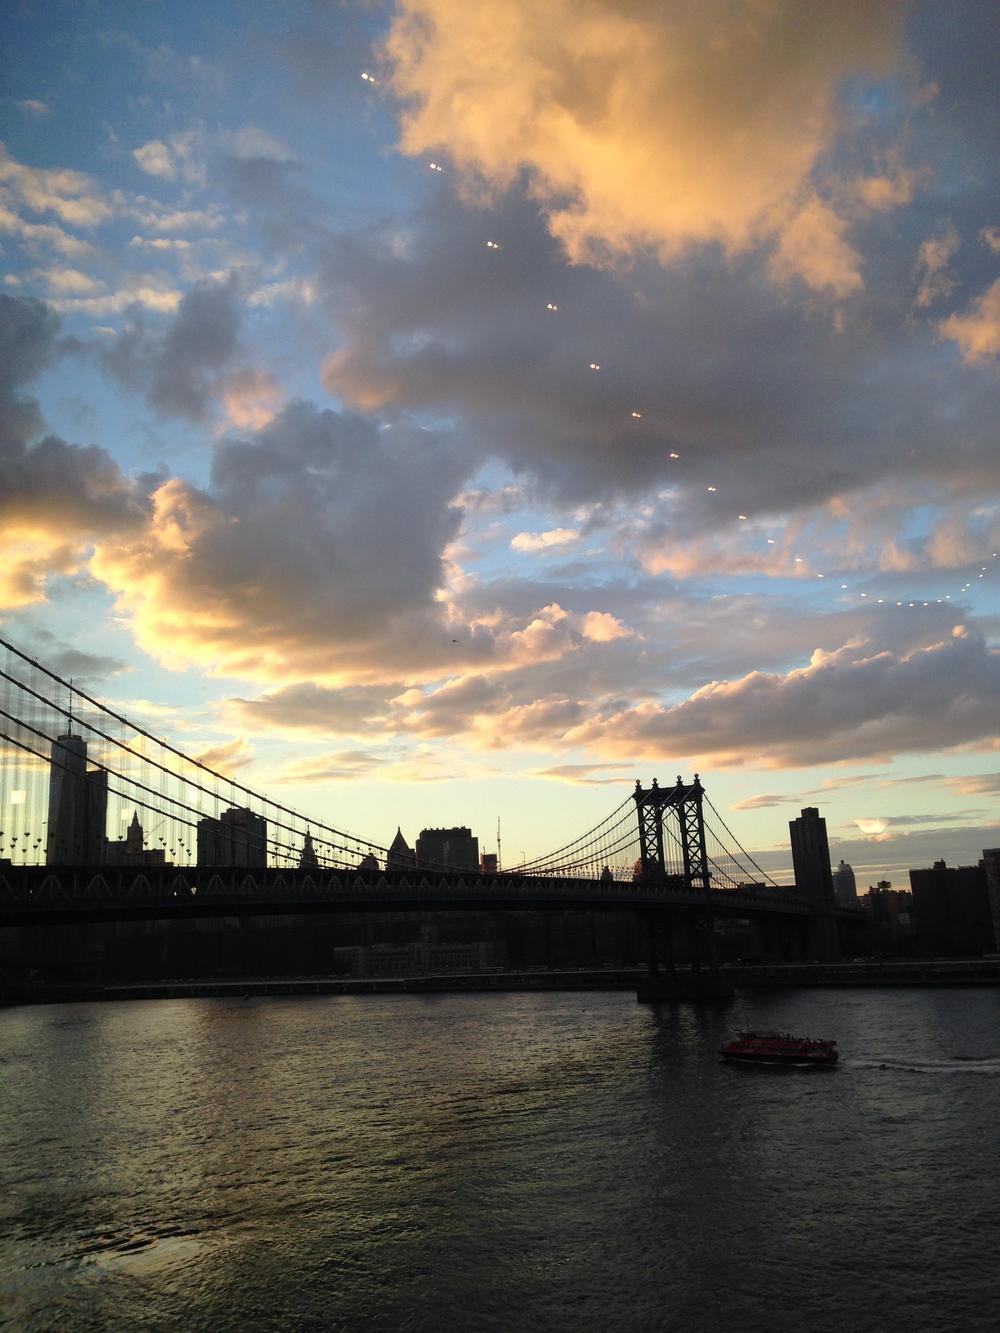 Brooklyn, NY, 9/16/14